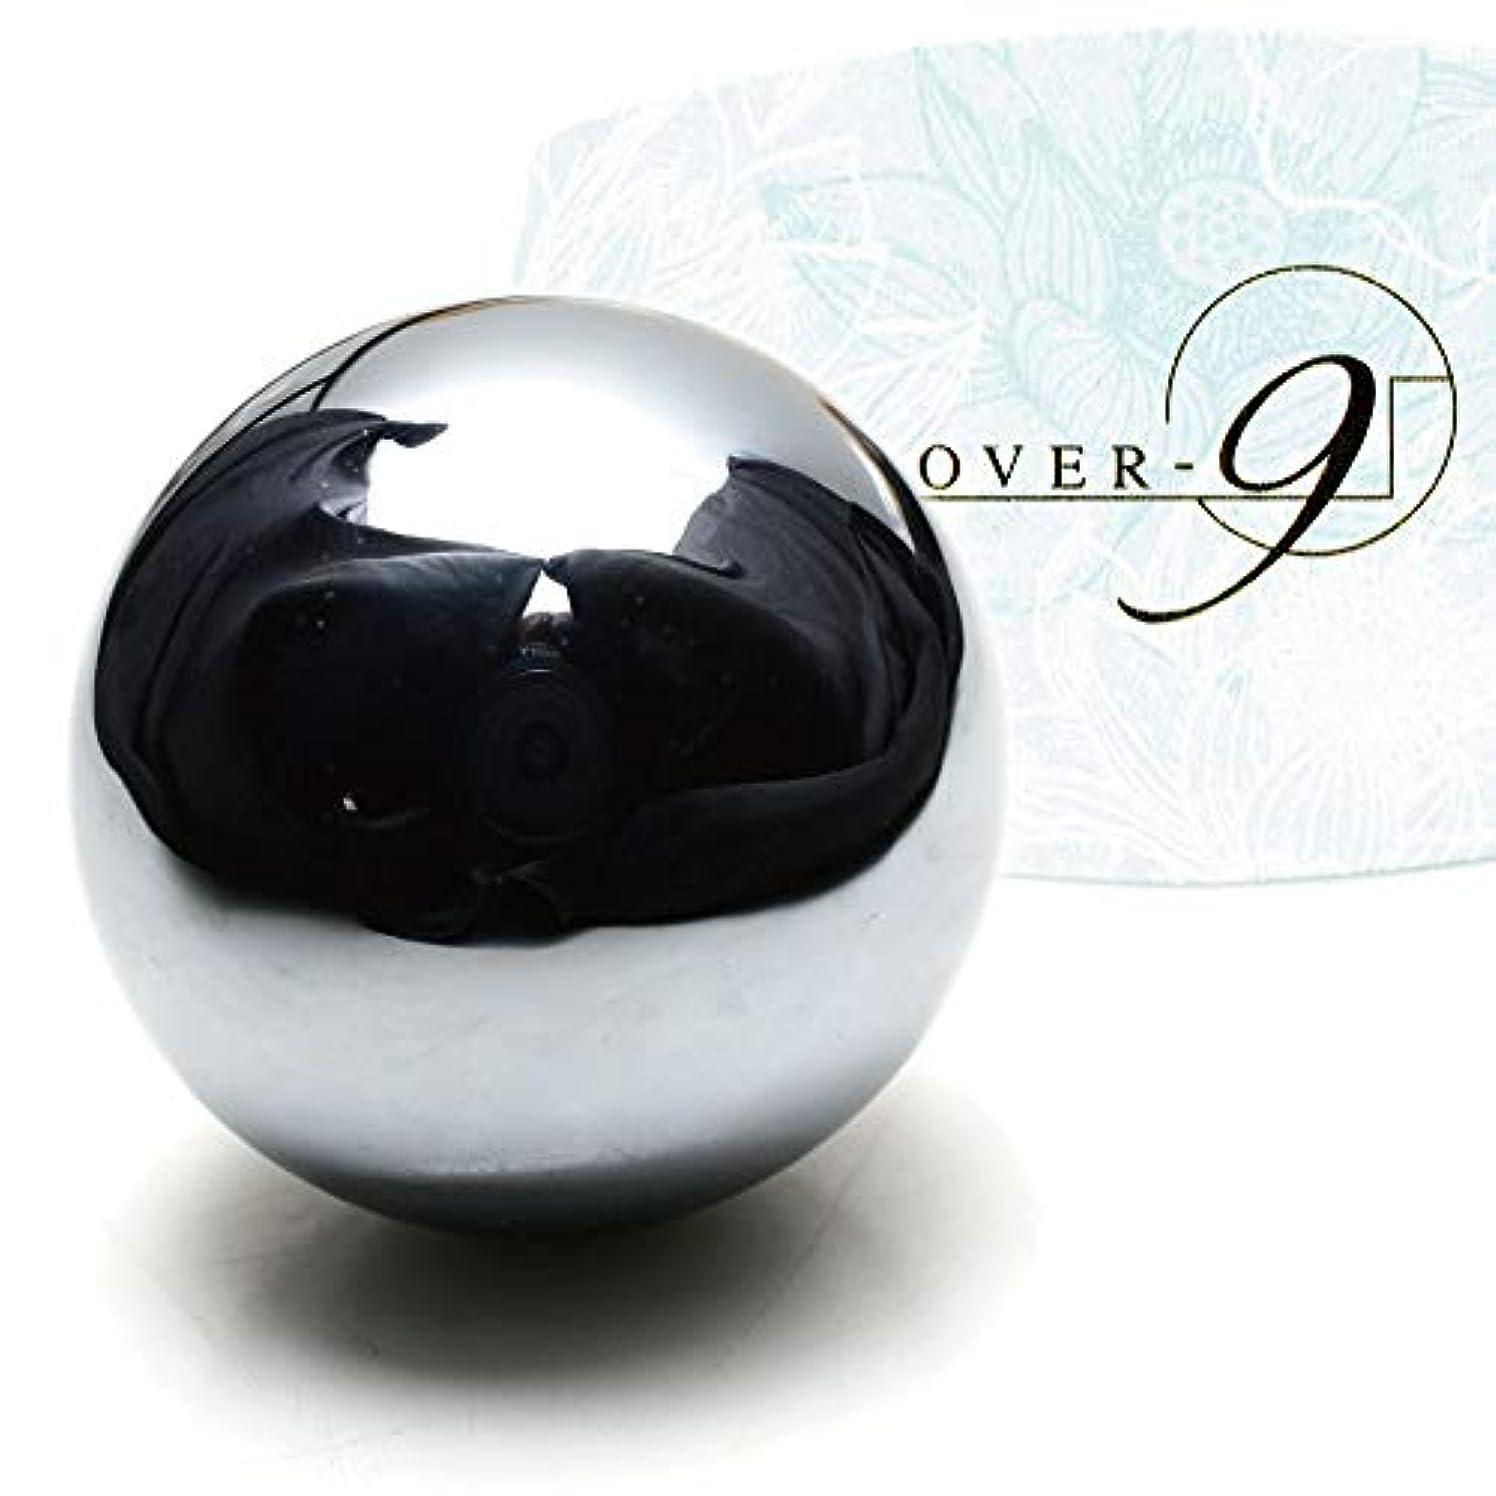 放散する階層ペイントテラヘルツ ボール 30mm 丸玉 マッサージボール 公的機関にて検査済み!パワーストーン 天然石 健康 美容 美顔 かっさ グッズ